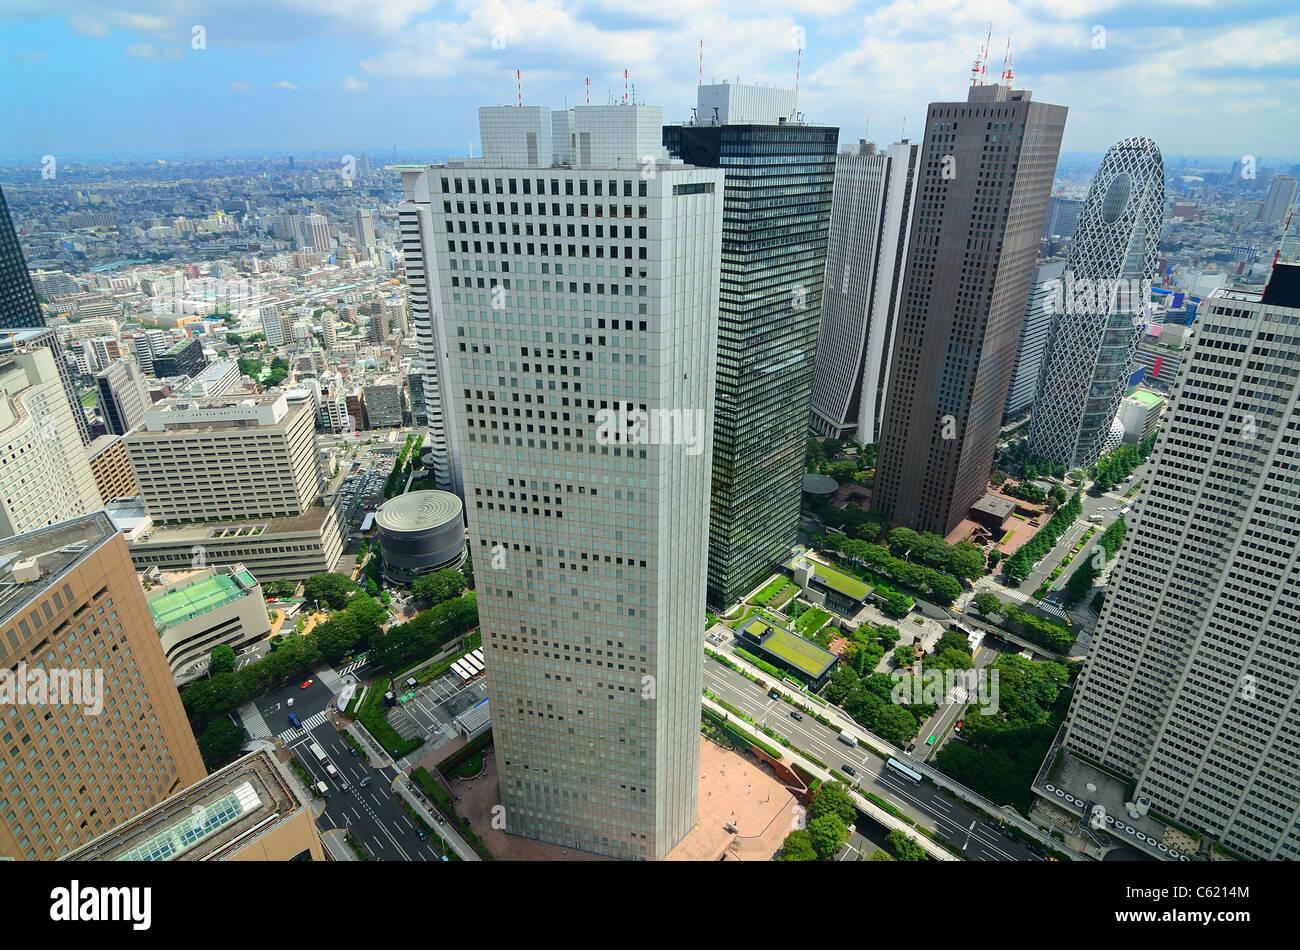 Los rascacielos en Shinjuku, Tokio, Japón. Imagen De Stock